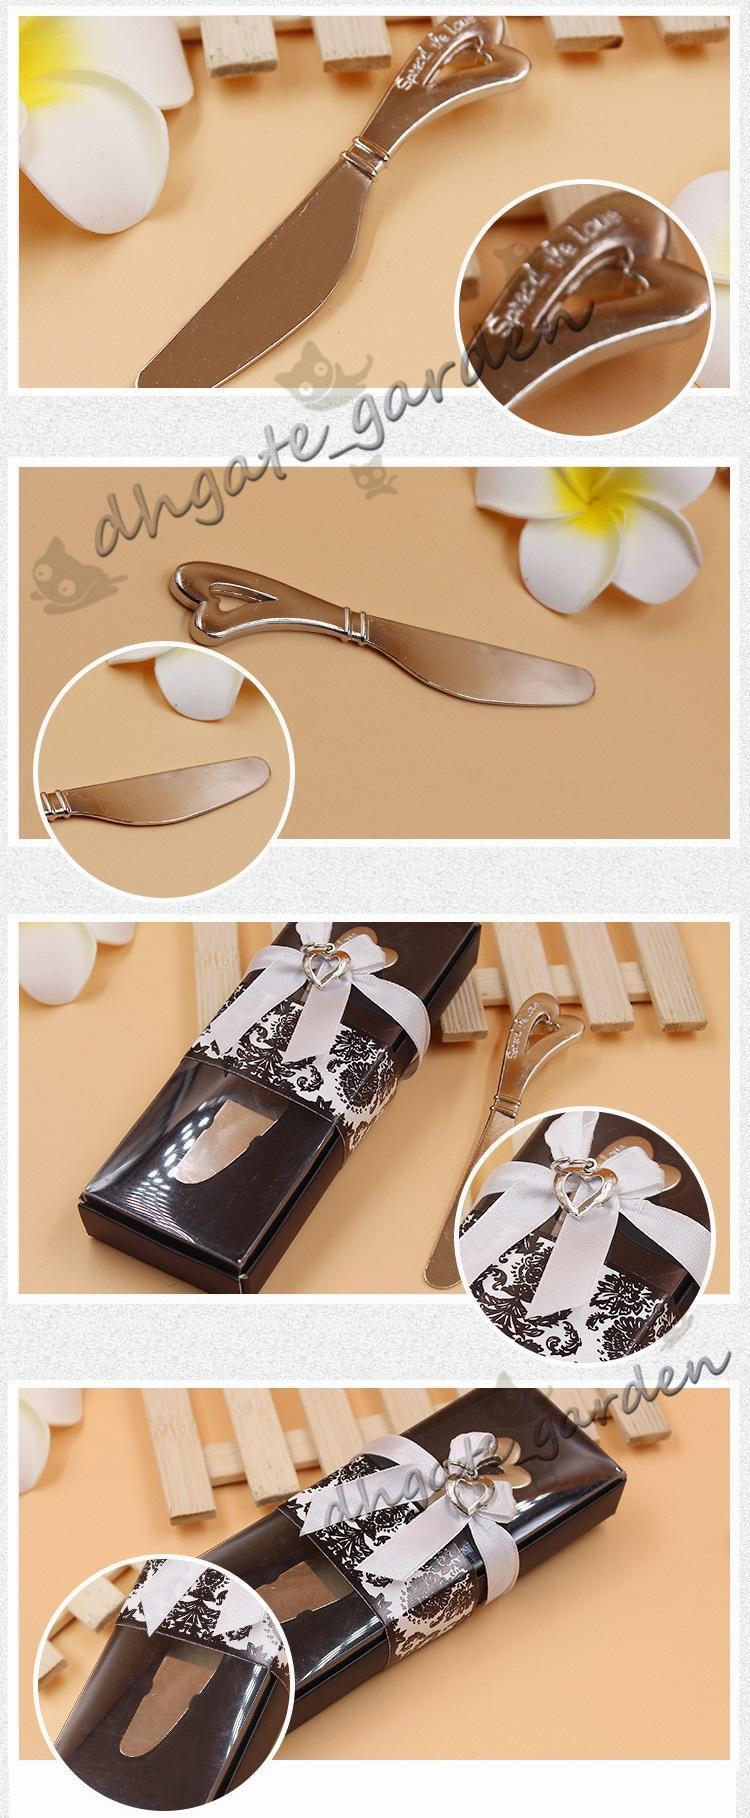 사랑의 심장 모양의 심장 모양의 손잡이 스프레더 스프레더 버터 나이프 나이프 결혼식 선물 호의 확산